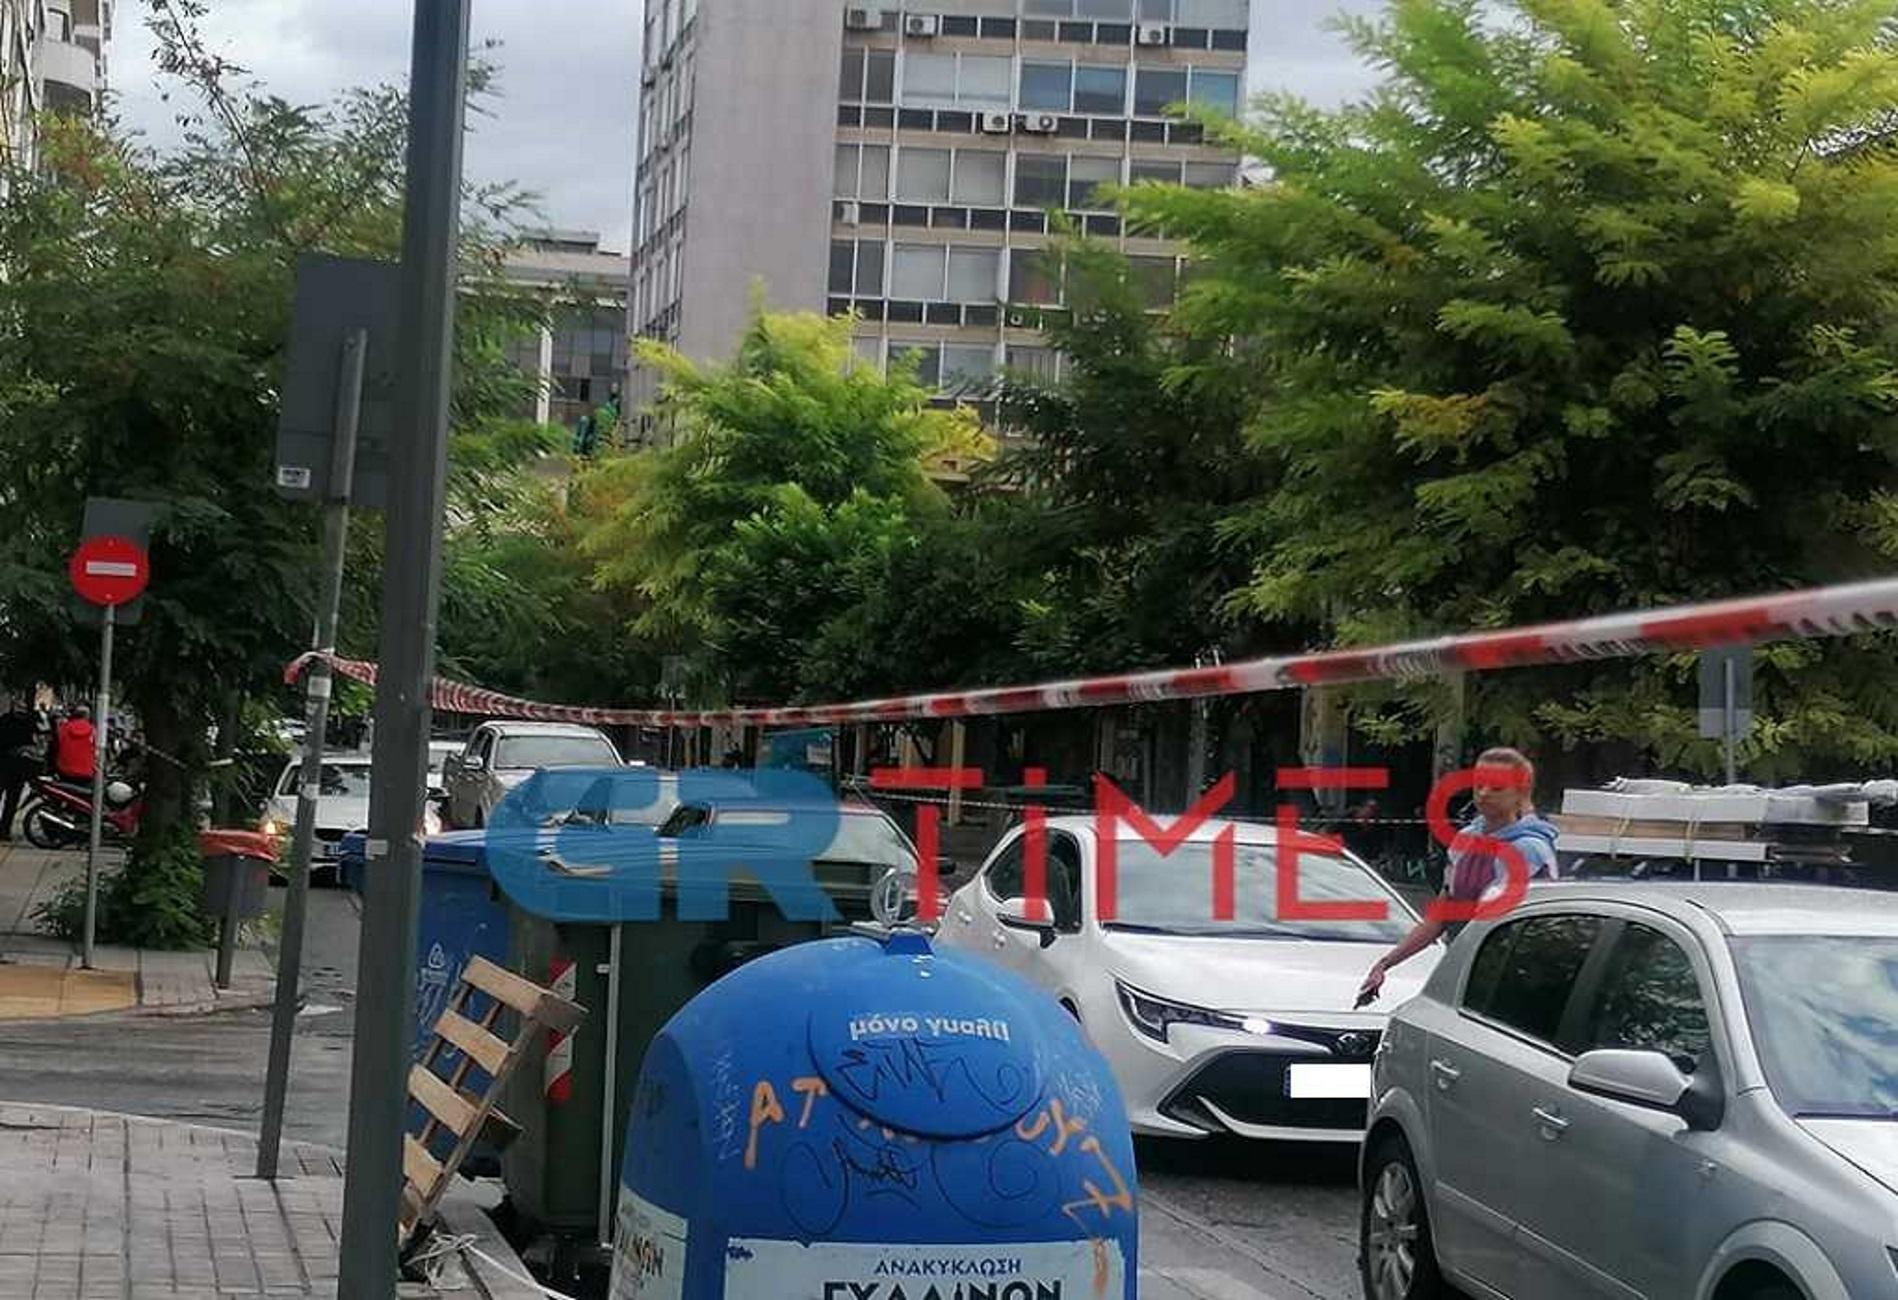 Θεσσαλονίκη: Κυκλοφοριακό χάος λόγω Πομπέο! Μποτιλιάρισμα χιλιομέτρων στο κέντρο (Βίντεο)